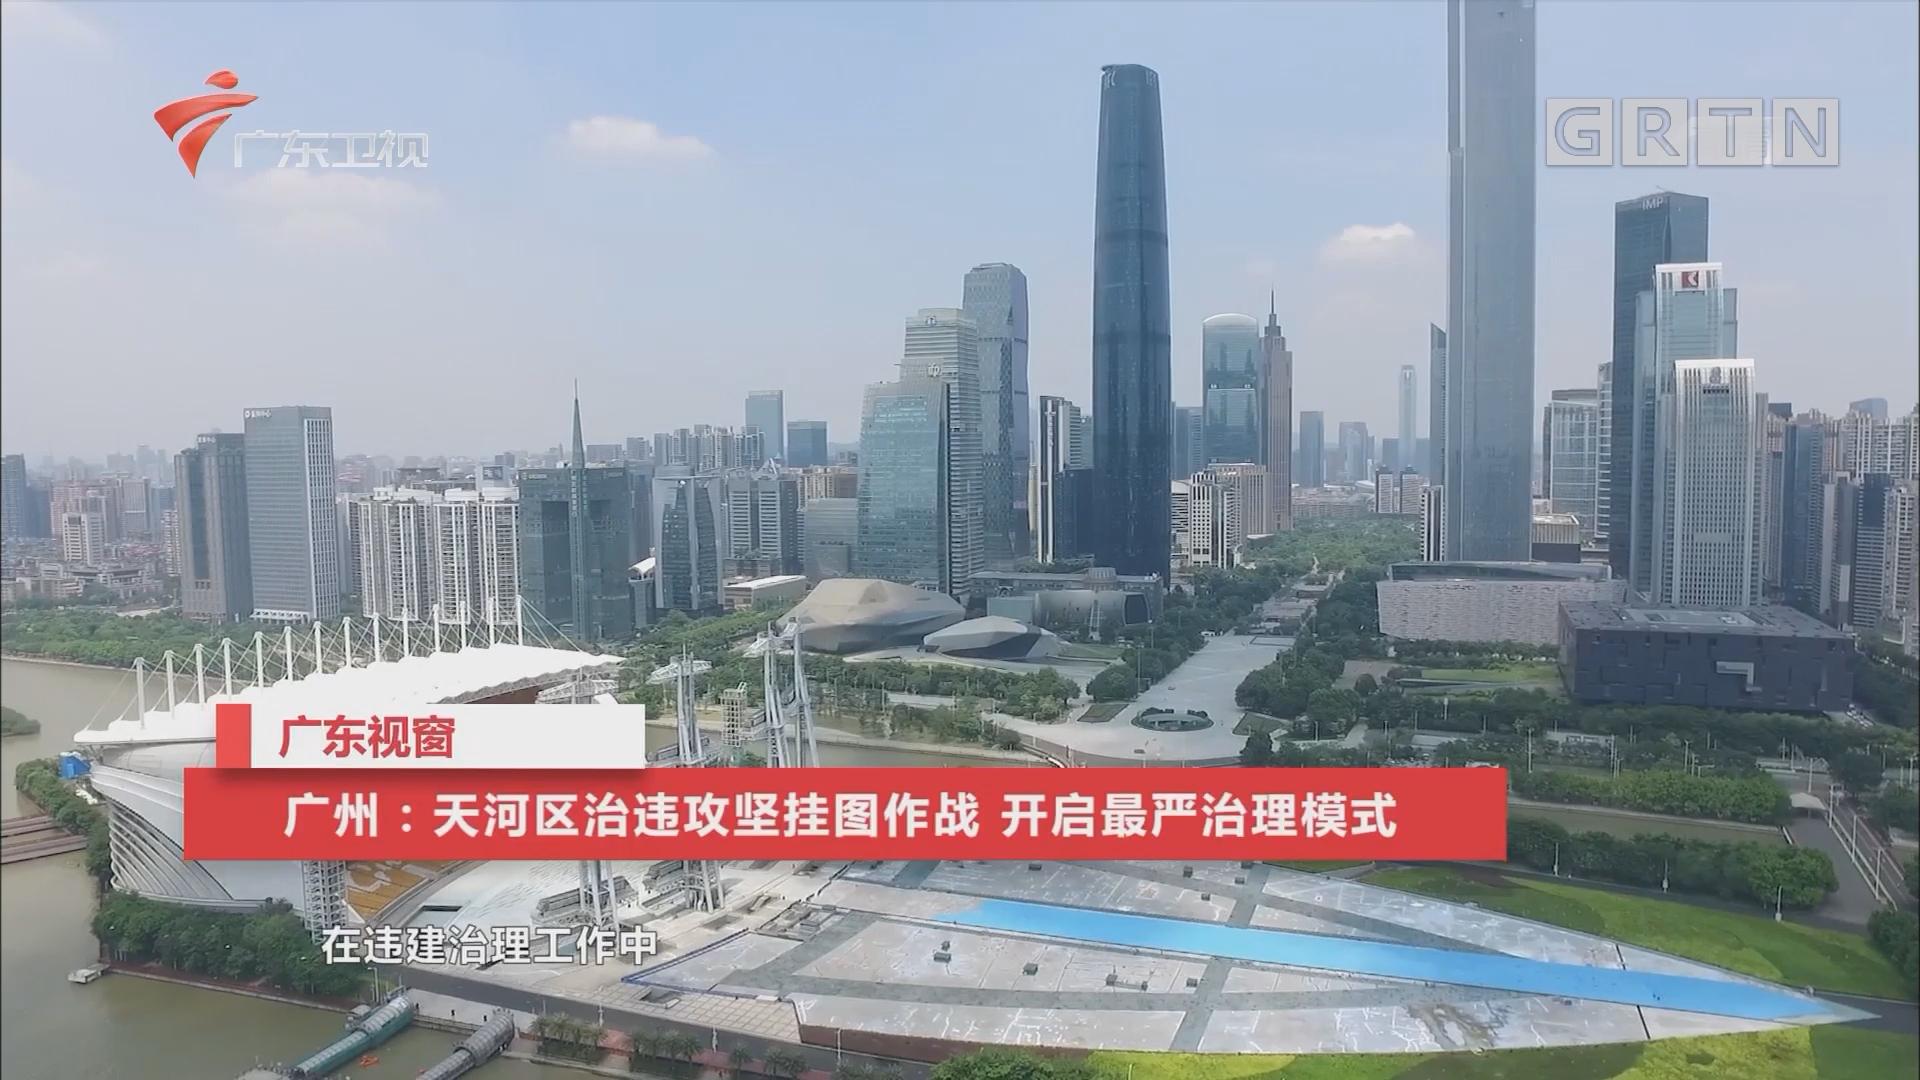 广州:天河区治违攻坚挂图作战 开启最严治理模式